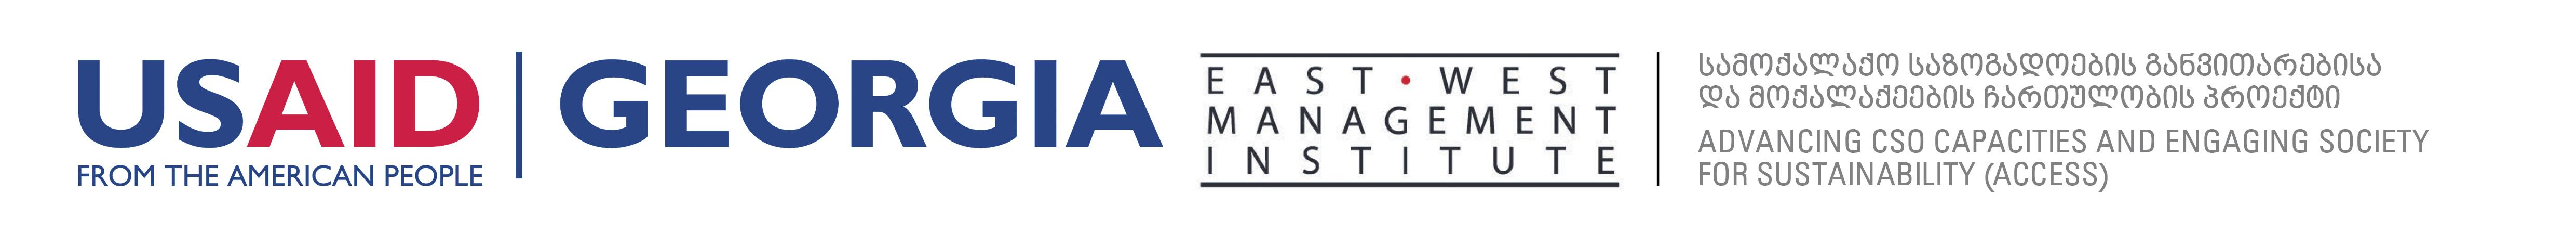 აღმოსავლეთ-დასავლეთის მართვის ინსტიტუტი EWMI/ACCESS